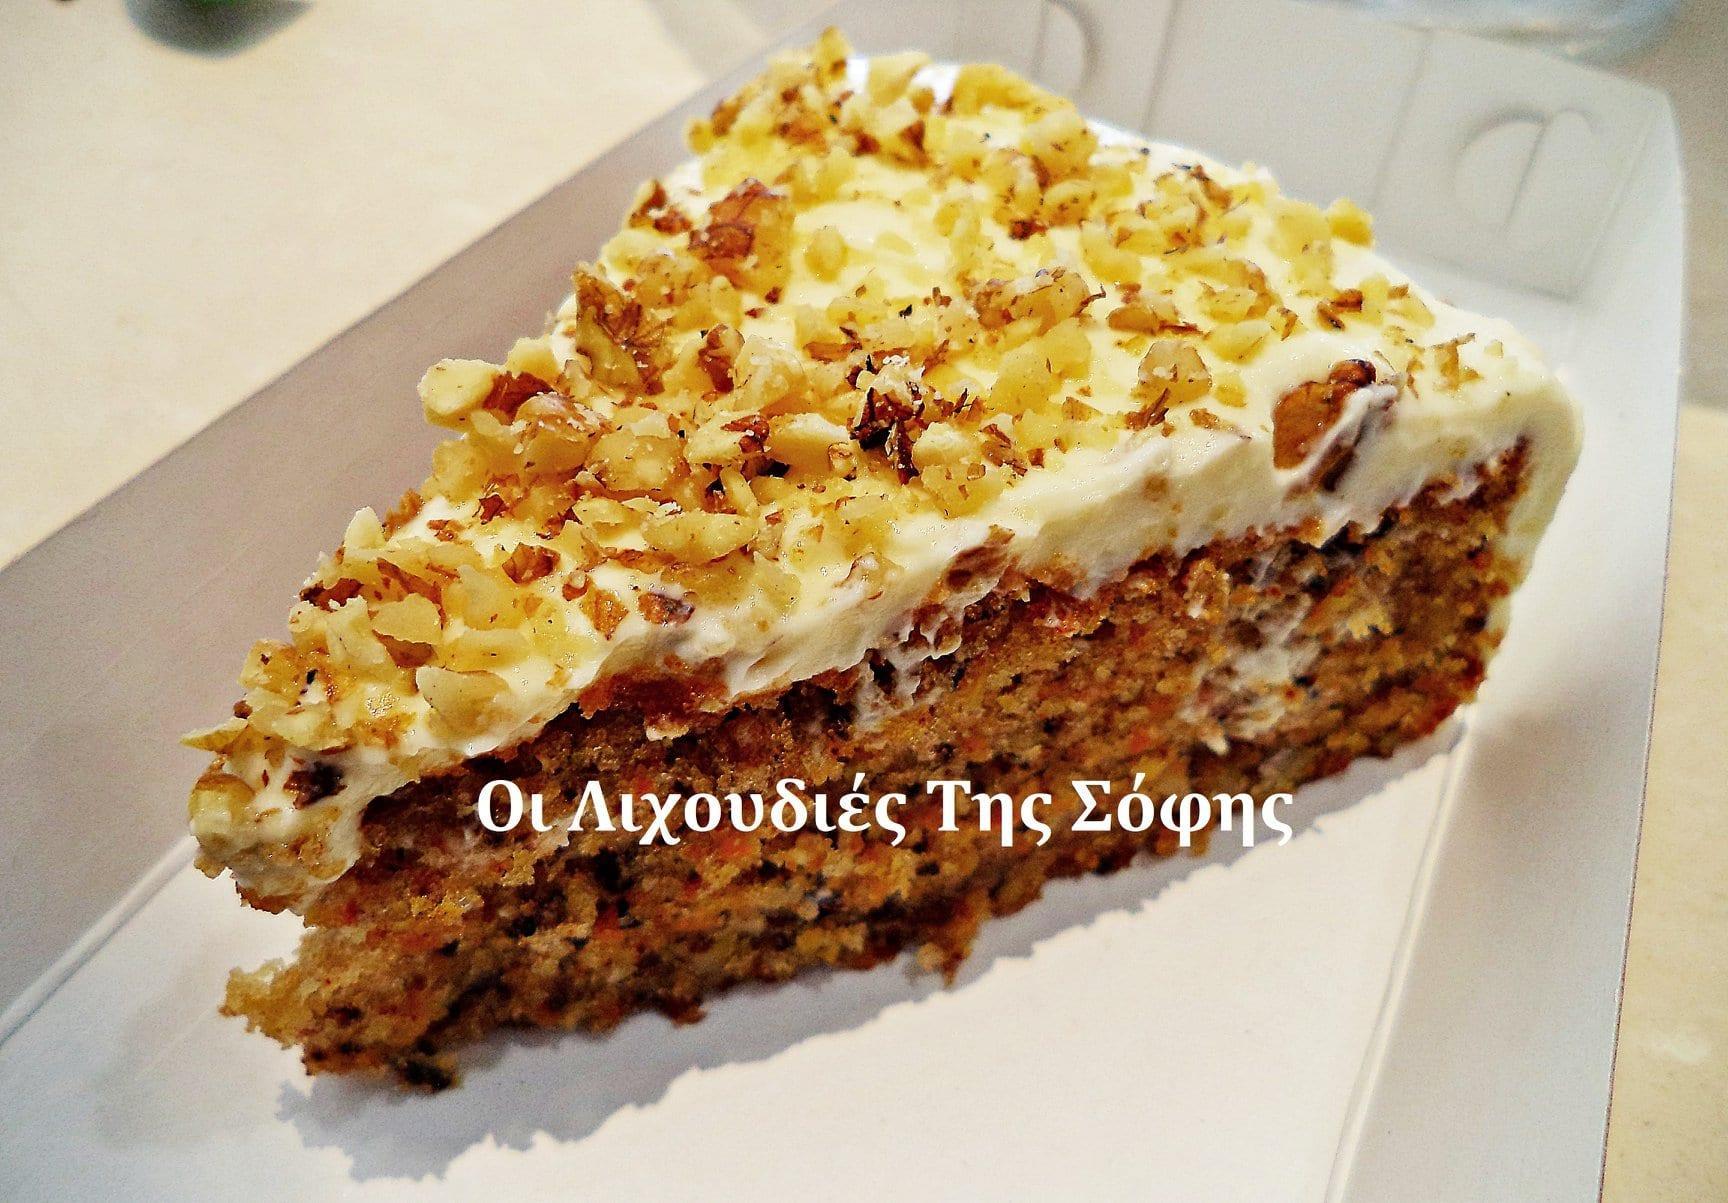 Υπέροχο πεντανόστιμο και μαλακό κέικ καρότου από τη Σόφη Τσιώπου!!!